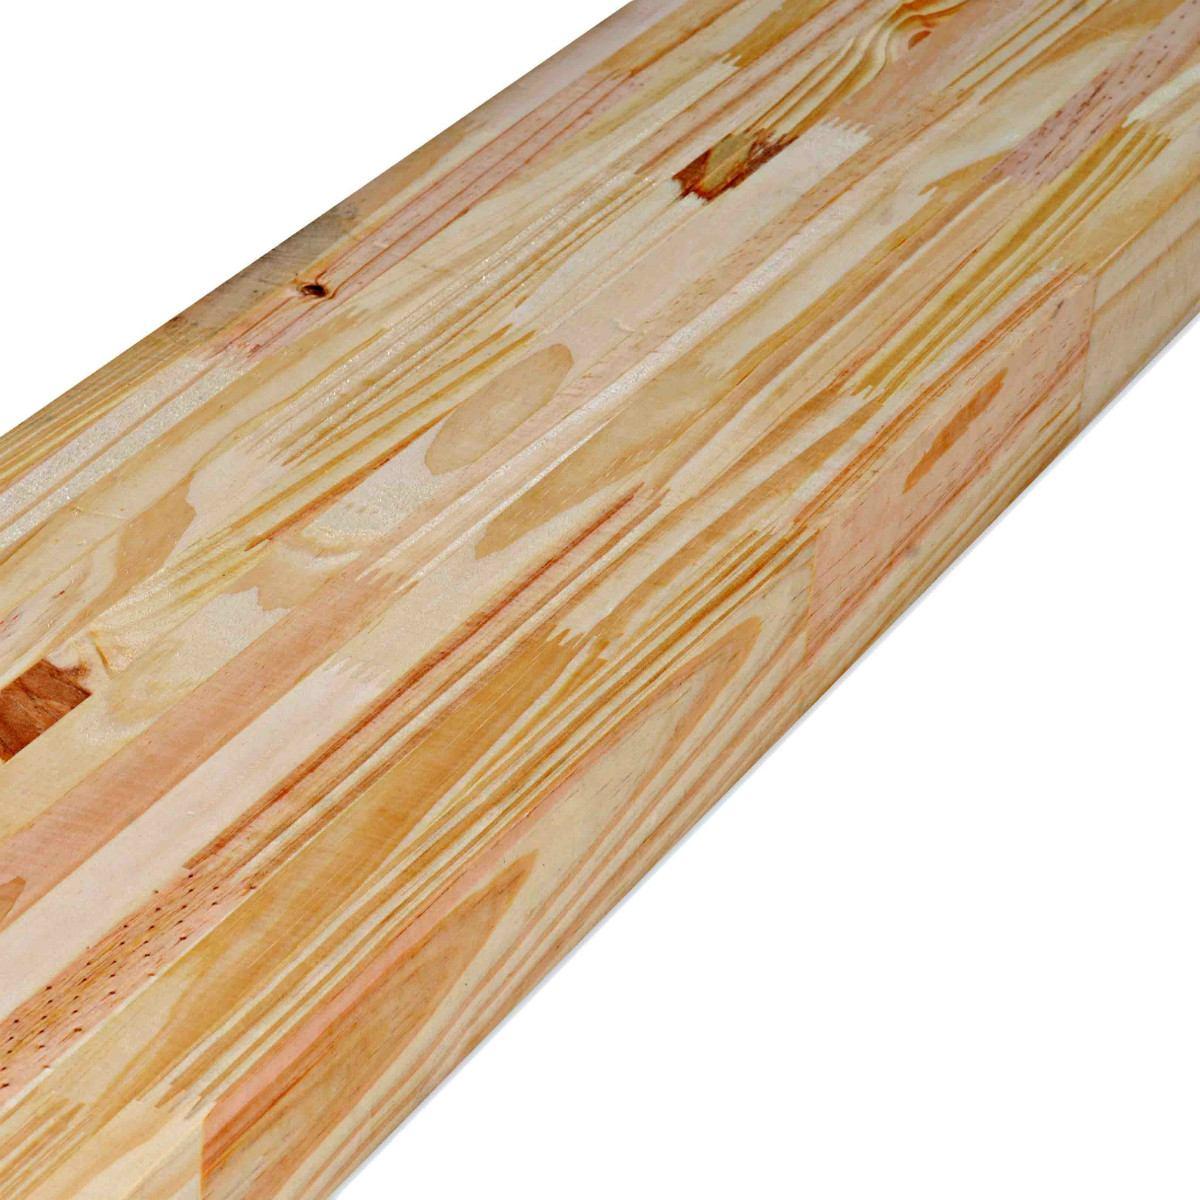 Vigas de madera para techos focos led indirectos para - Vigas de madera para techos ...